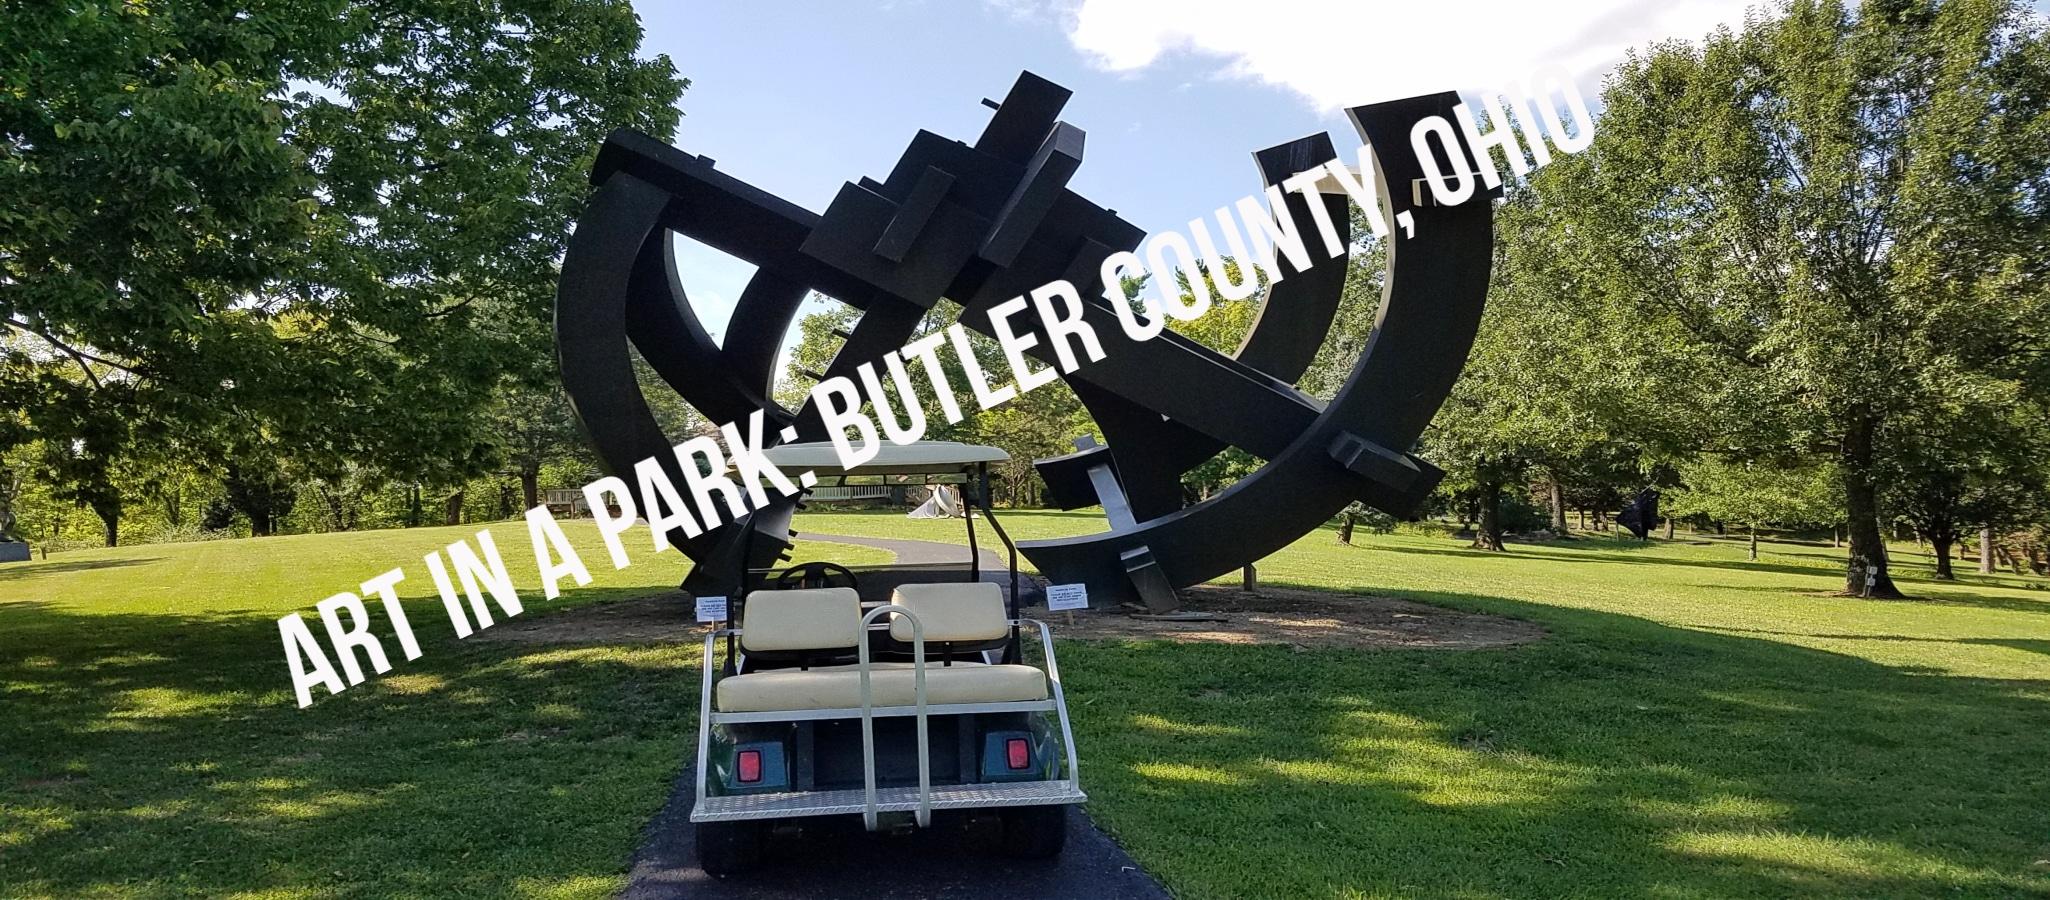 Butler County, Ohio art